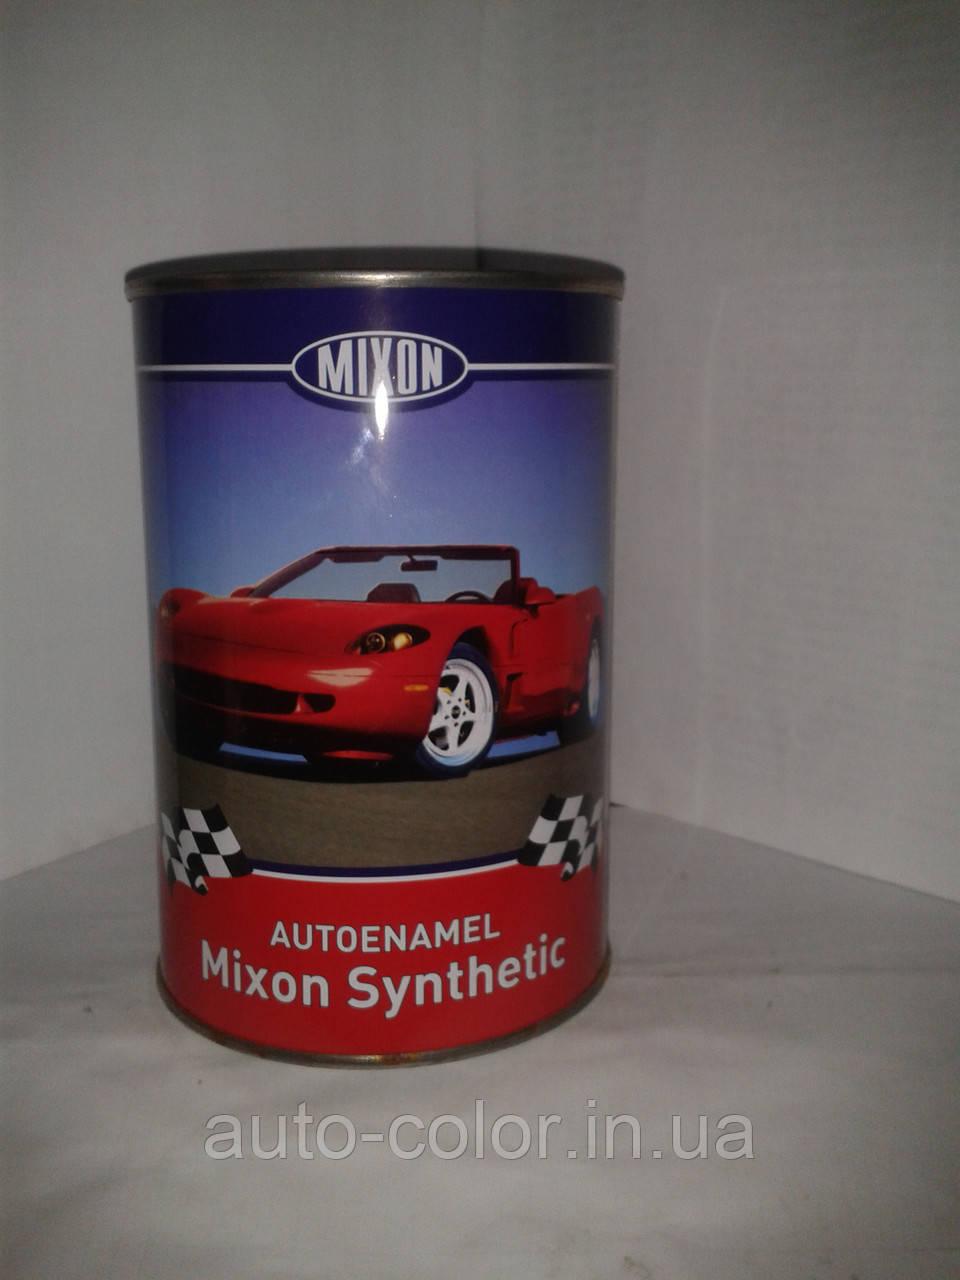 Автомобільна алкідна емаль MIXON Лілія 108 1л.